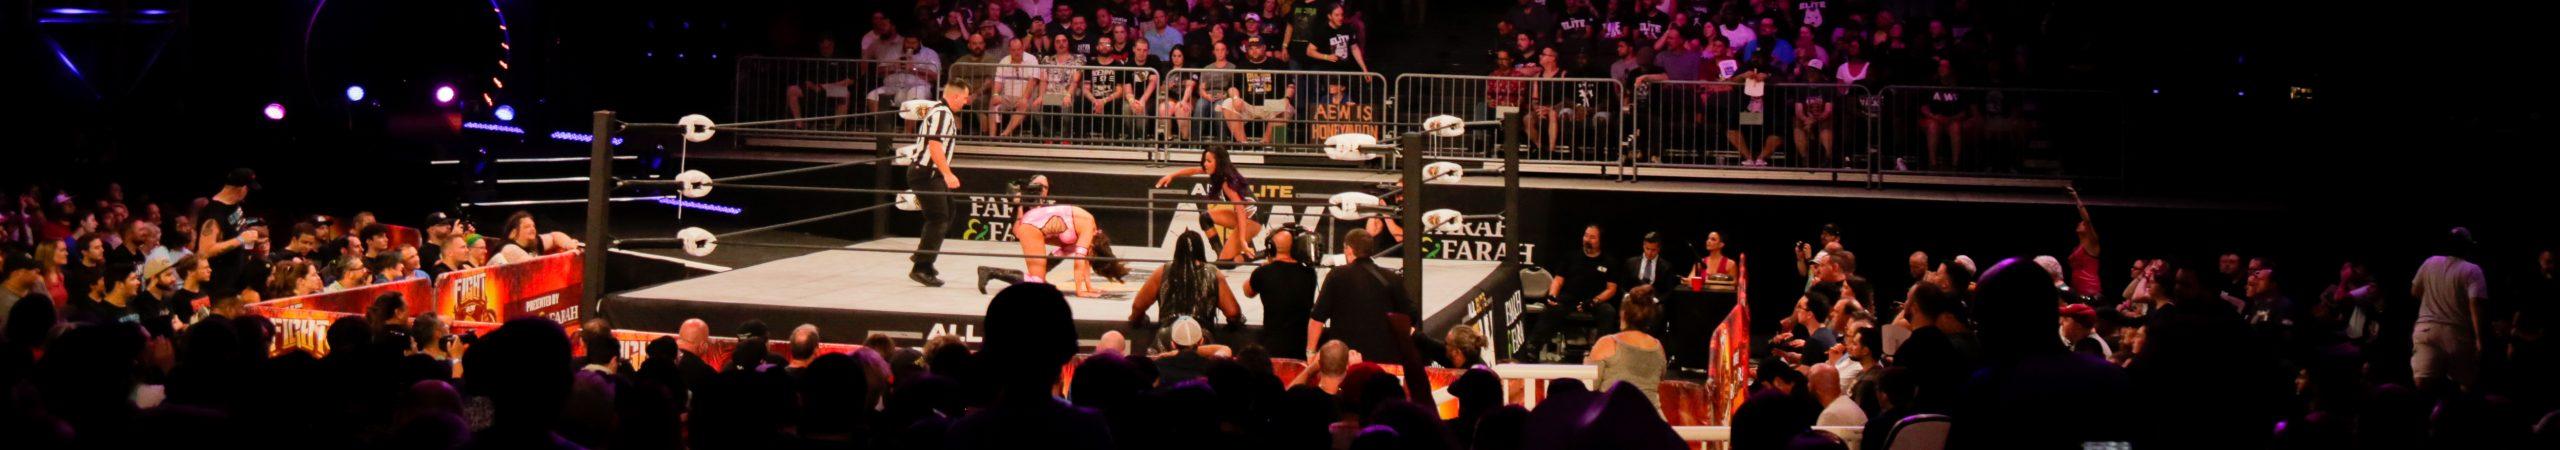 All Elite Wrestling – Fight For The Fallen